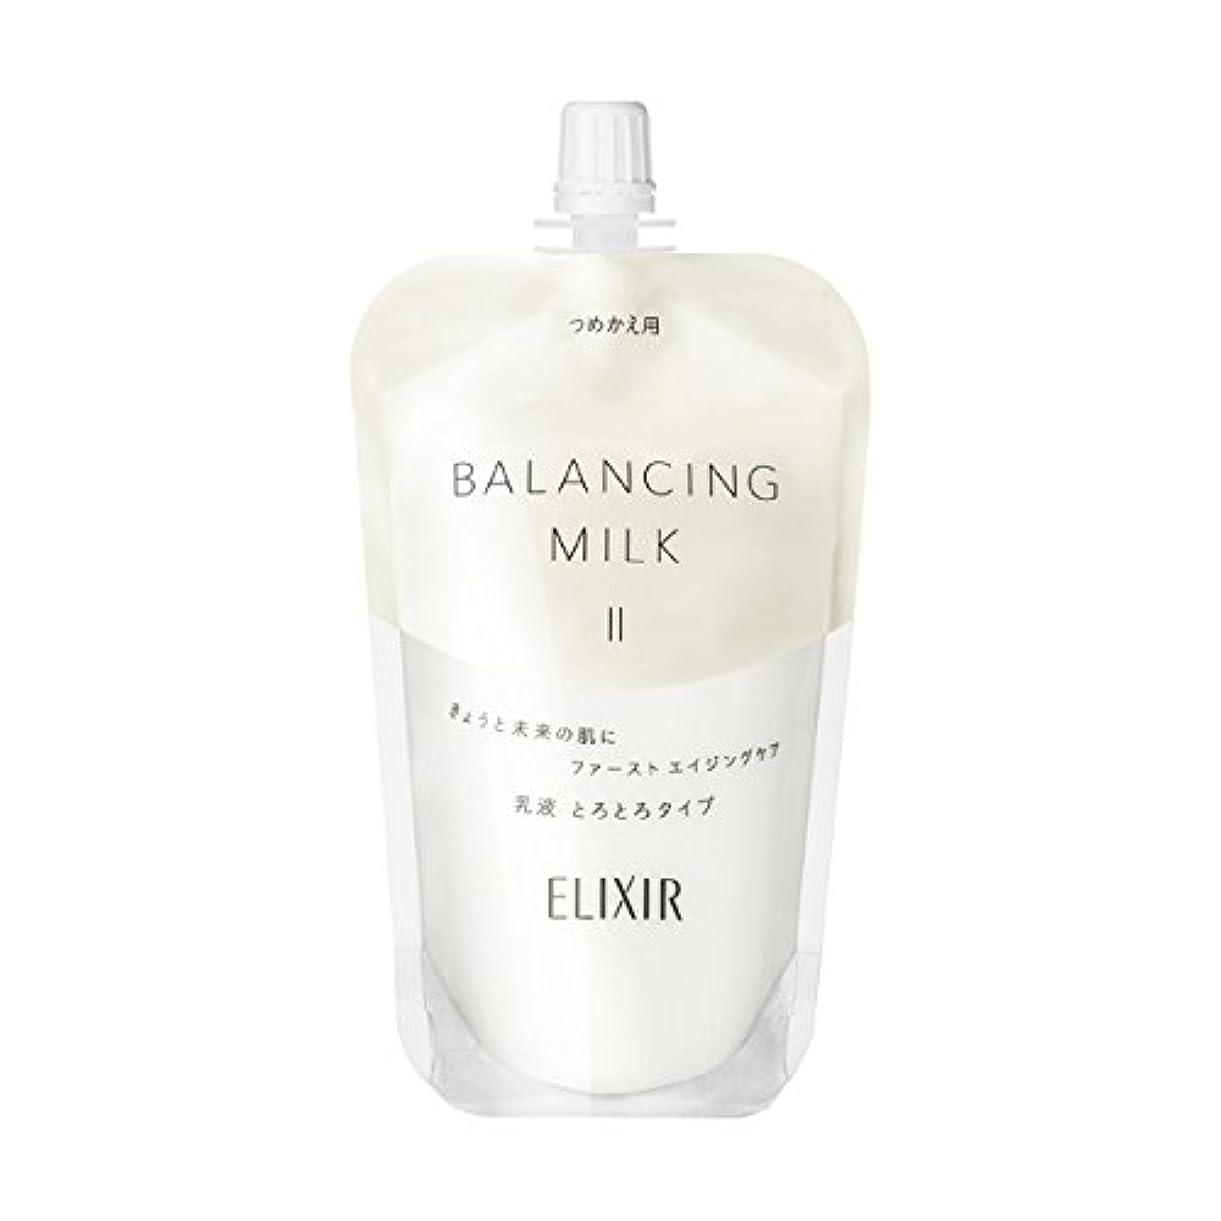 是正上流の震えエリクシール ルフレ バランシング ミルク 乳液 2 (とろとろタイプ) (つめかえ用) 110mL